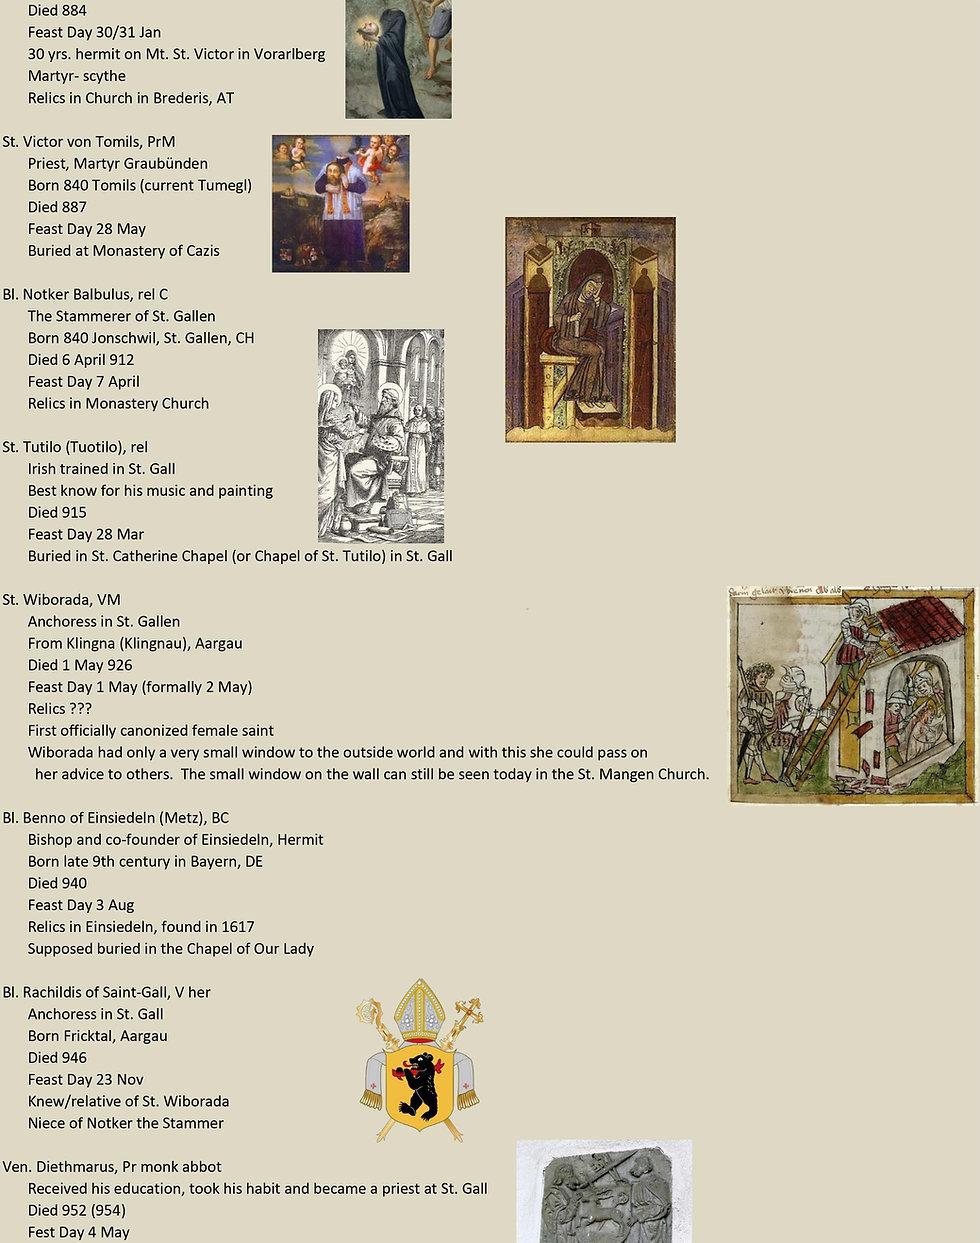 Liste de tous les saints suisses 14 sur 31